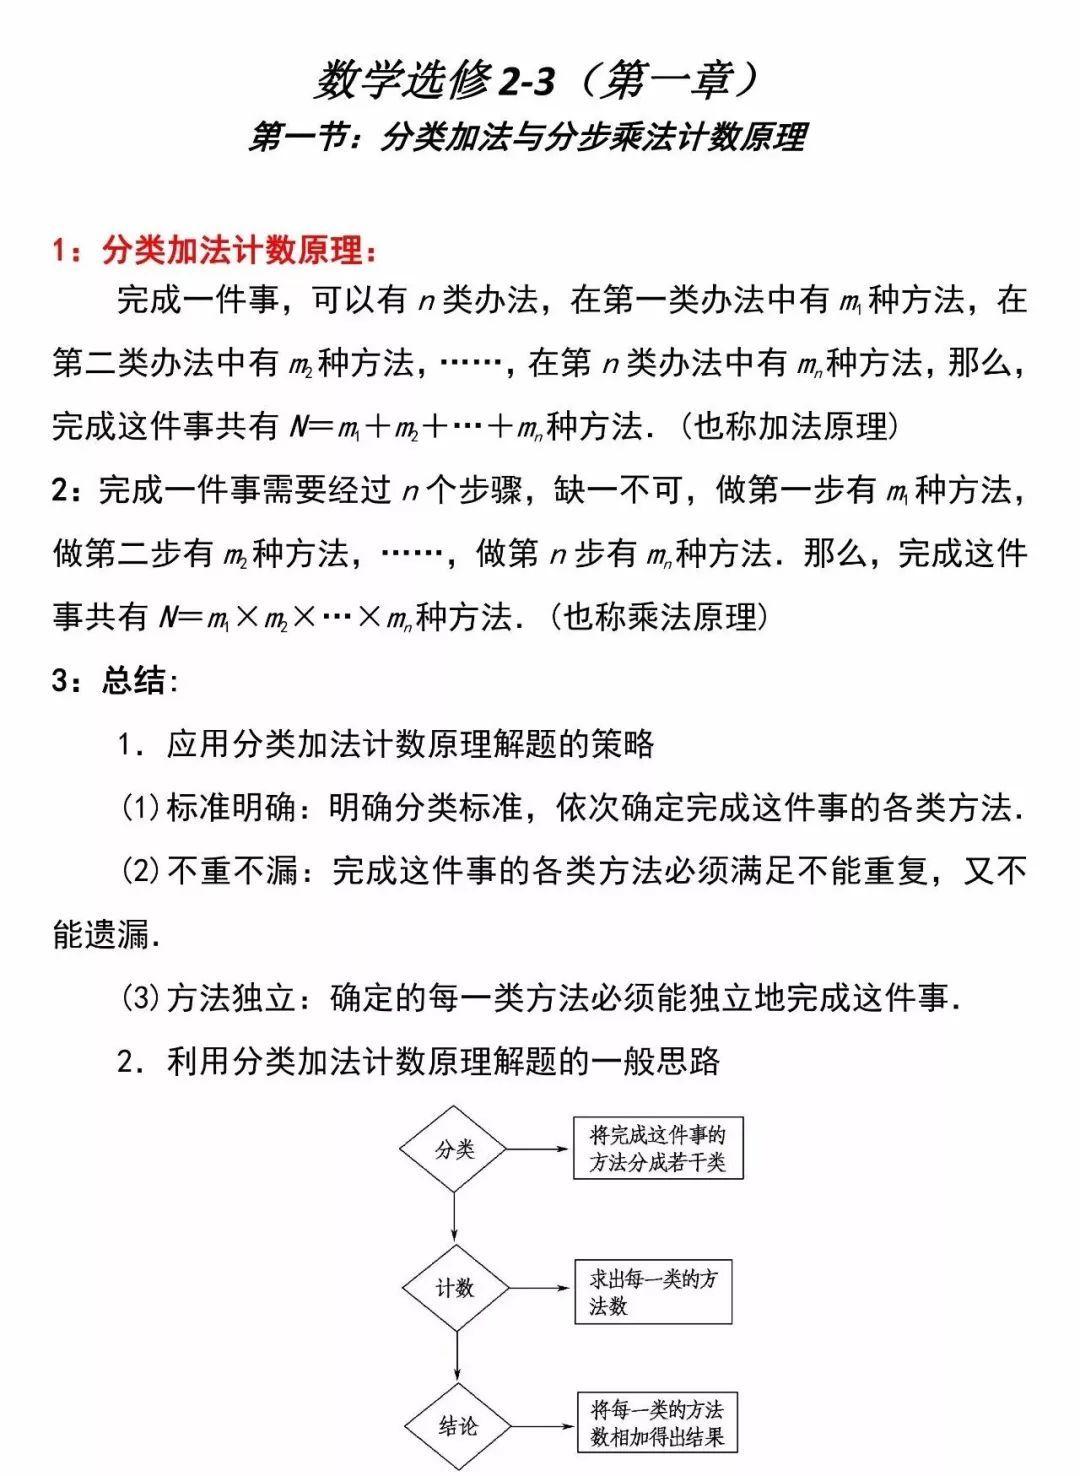 乘数原理的主要内容_中秋节手抄报内容